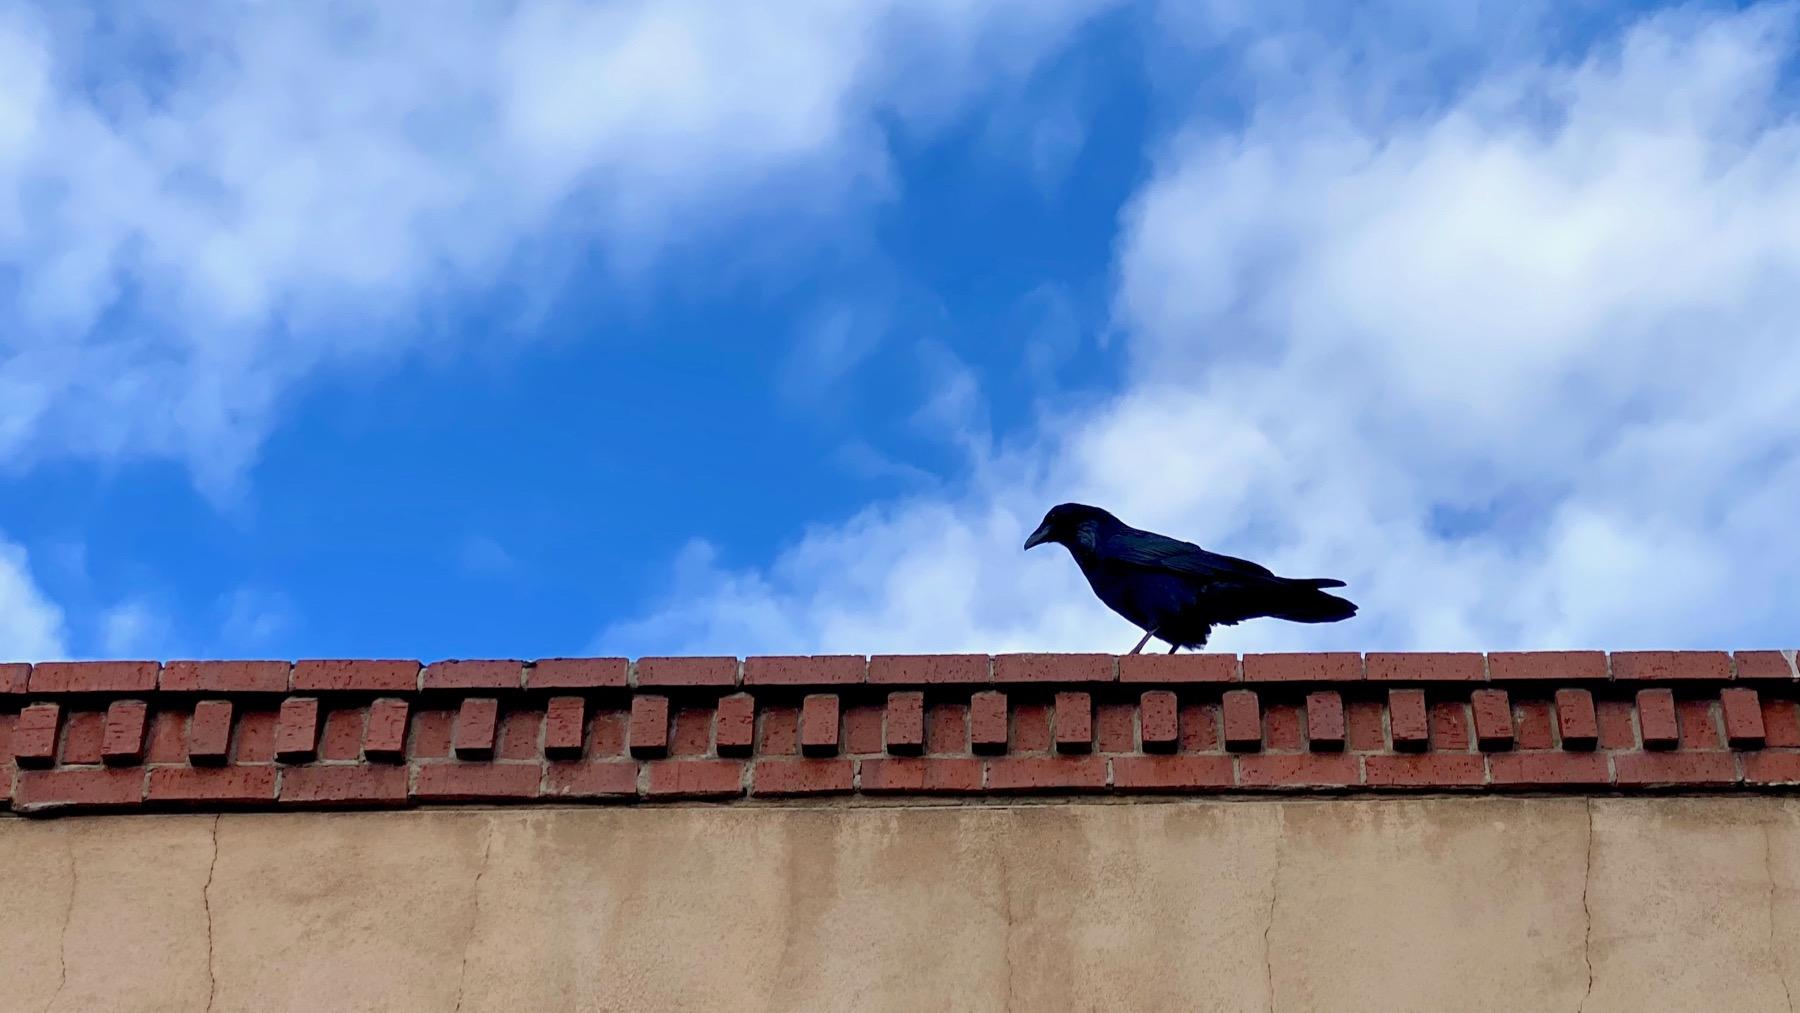 Solo crowlo